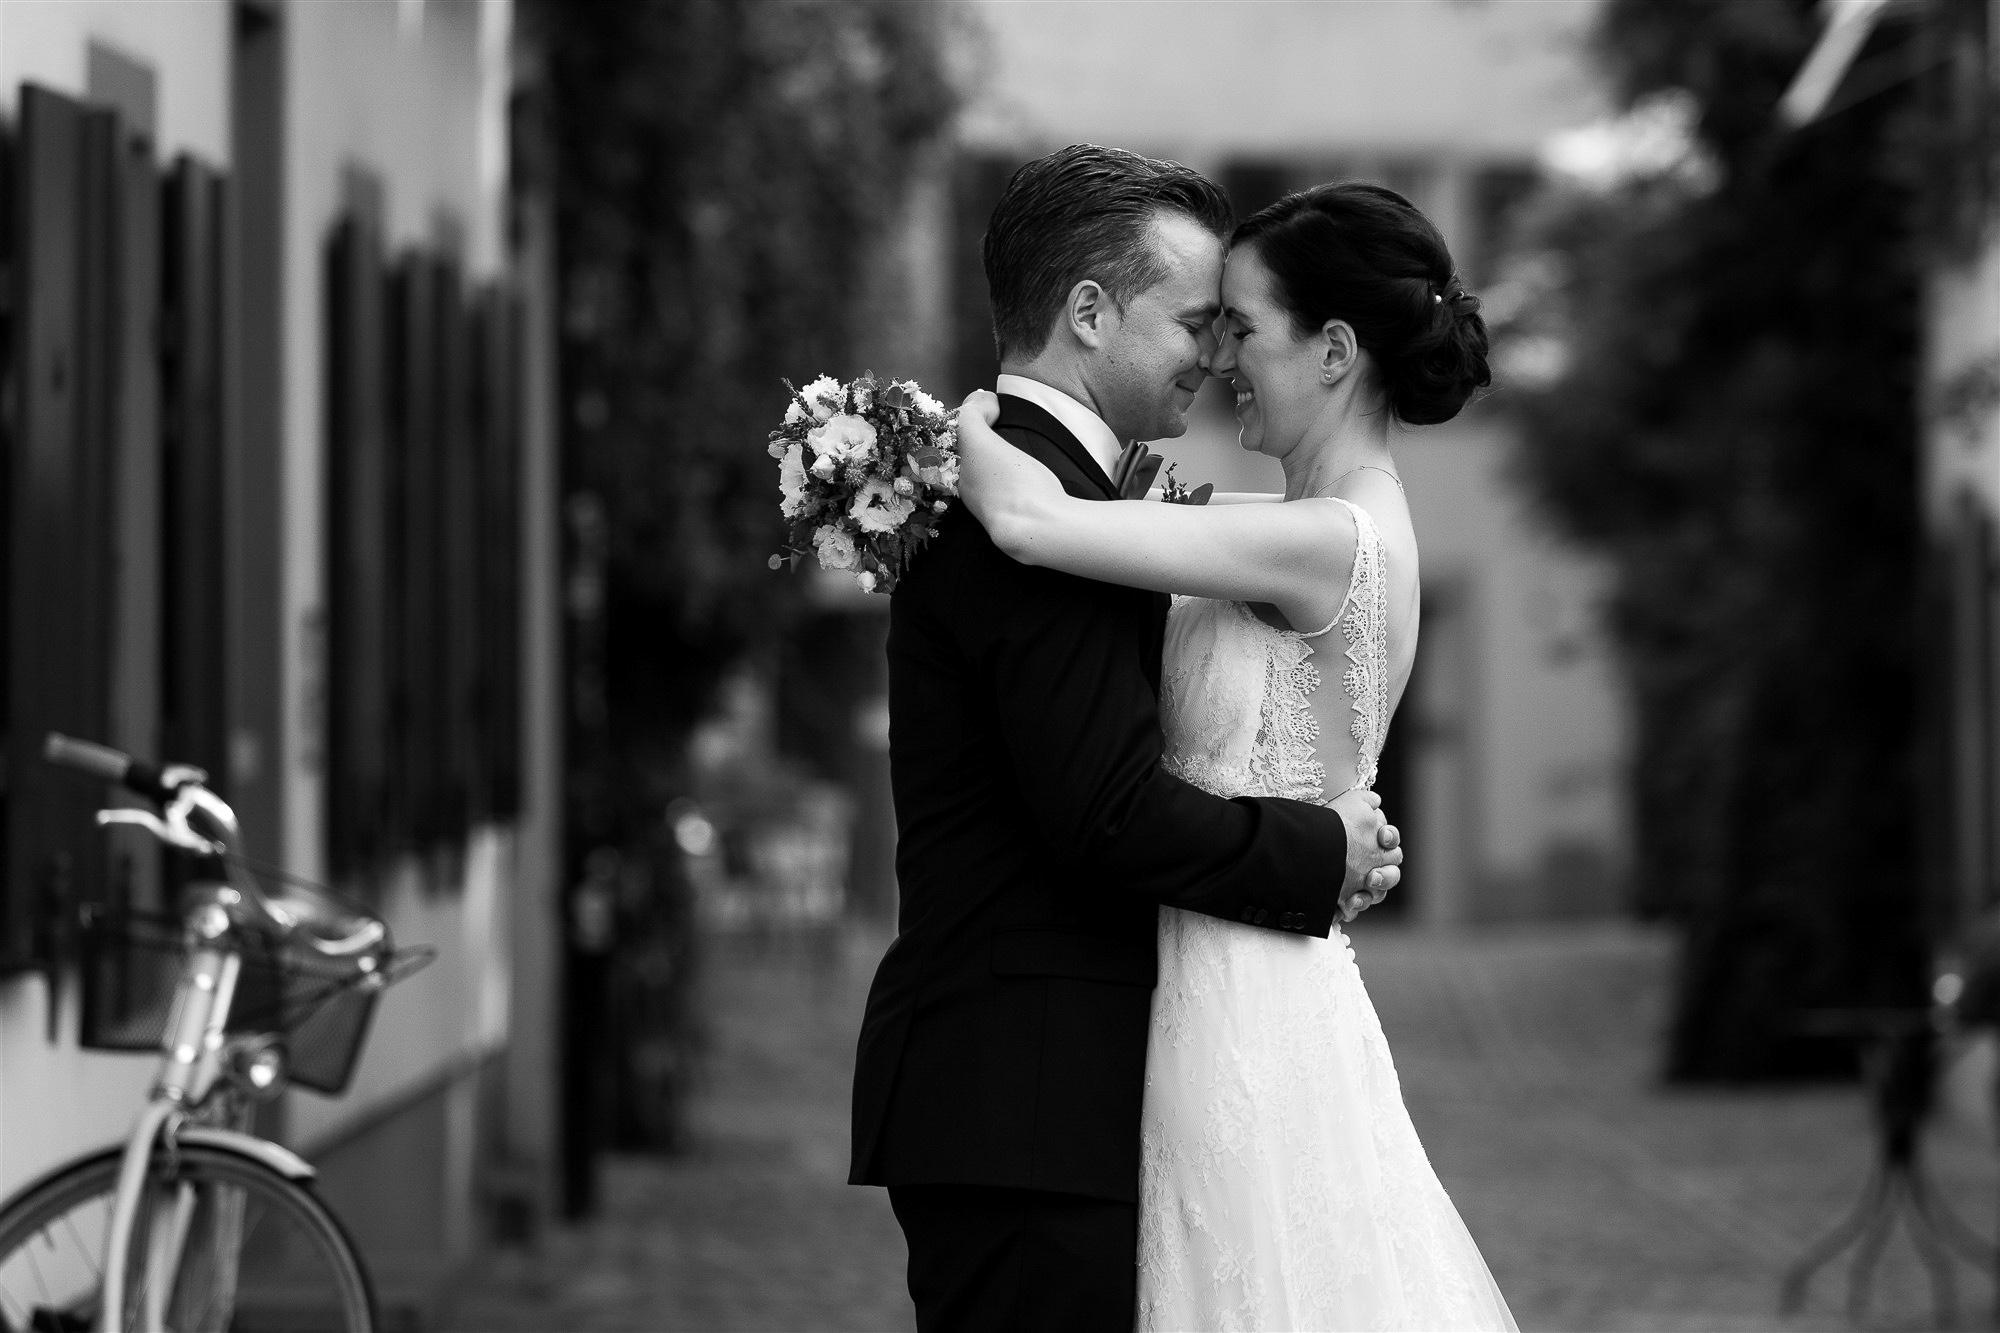 Hochzeit im Teufelhof - Brautpaar Fotoshooting - Hochzeitsfotografin Basel